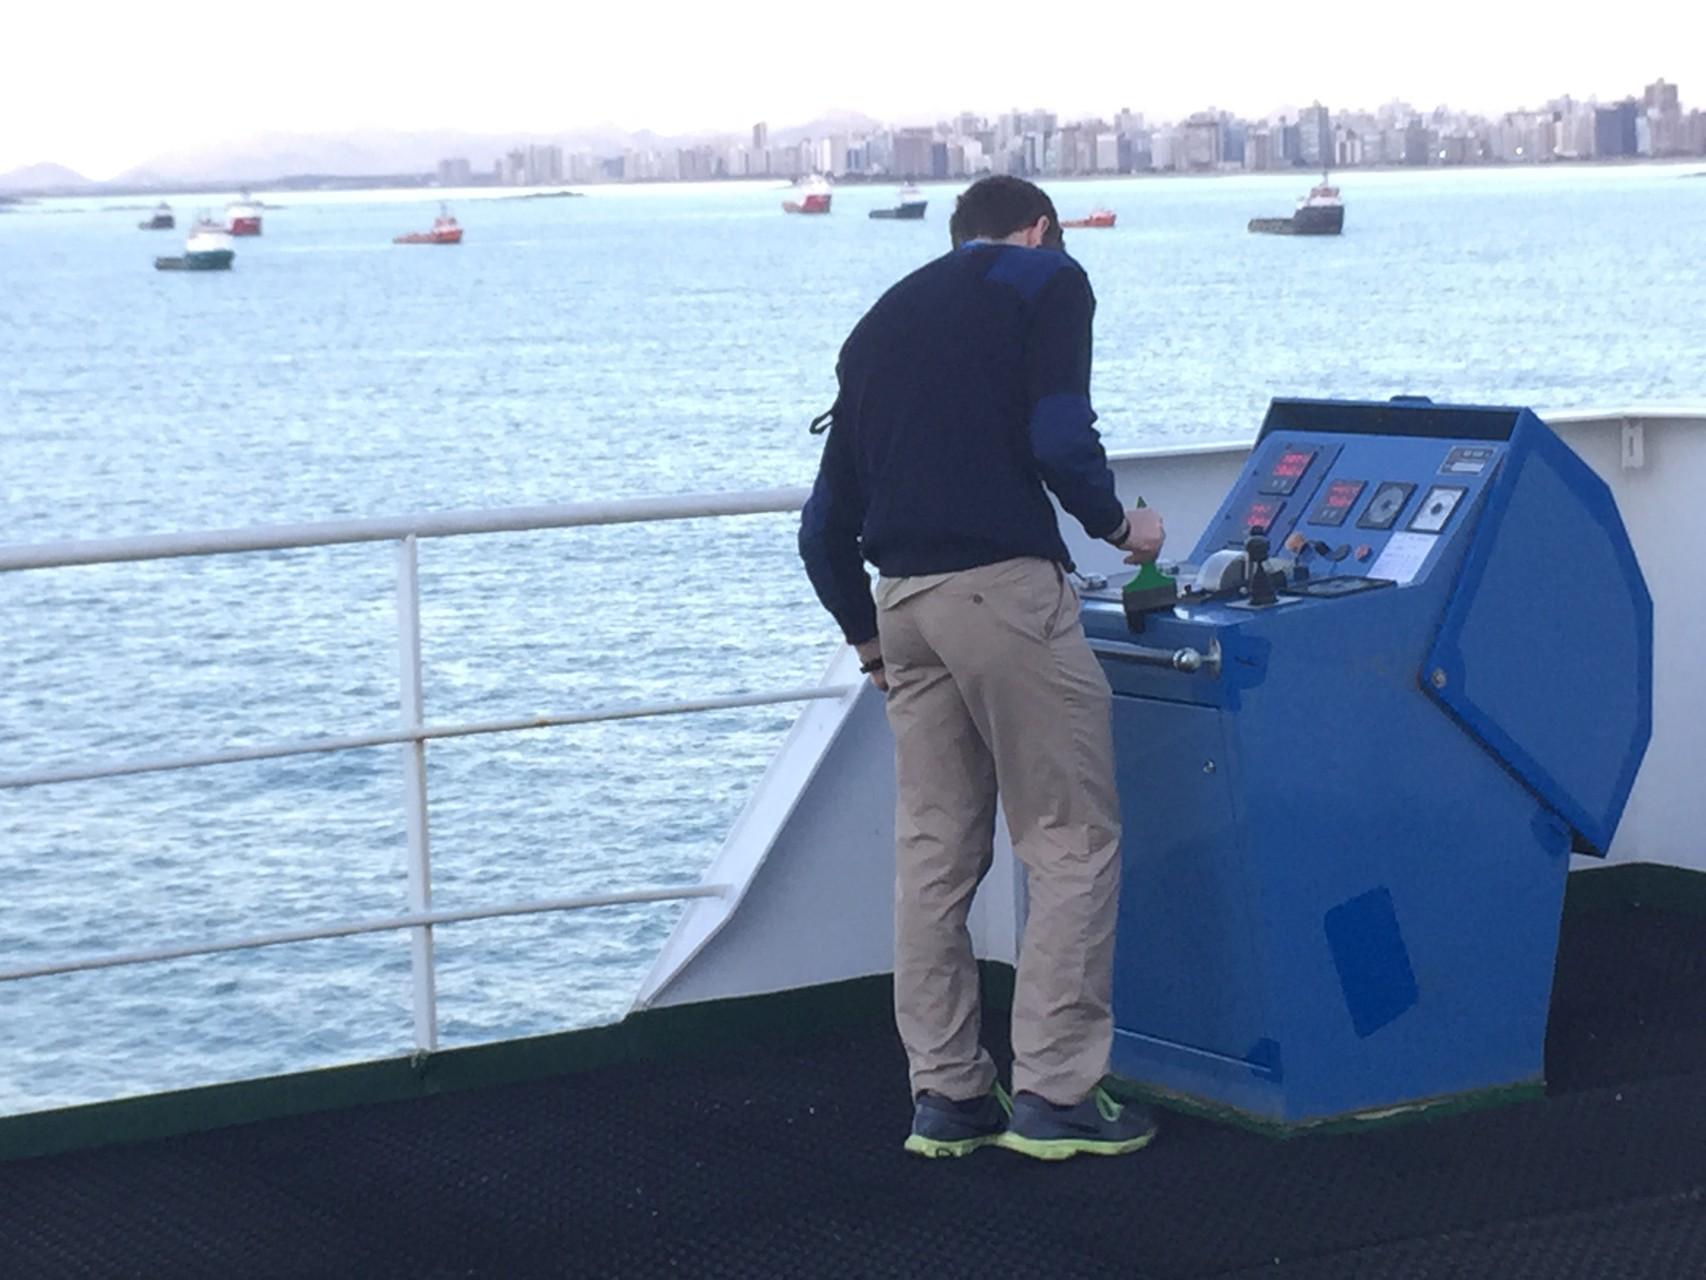 Der 1. Offizier bereitet die Aussensteuerung vor für die Hafeneinfahrt